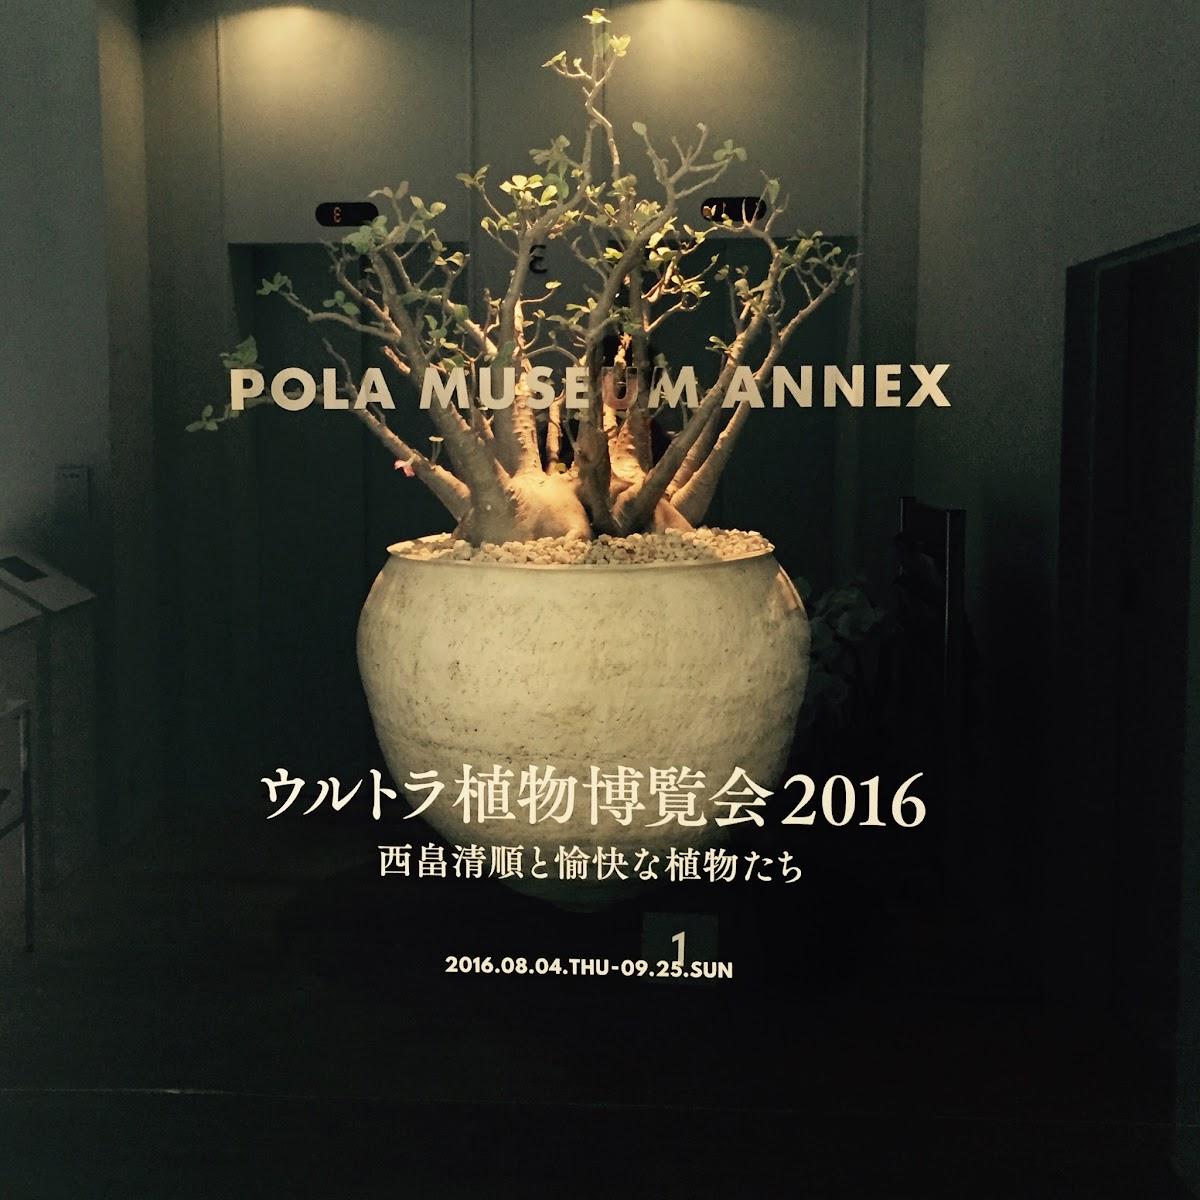 「ウルトラ植物博覧会2016」 西畠清順と愉快な植物たち | ポーラ ミュージアム | 2016-08 【鑑賞メモ】